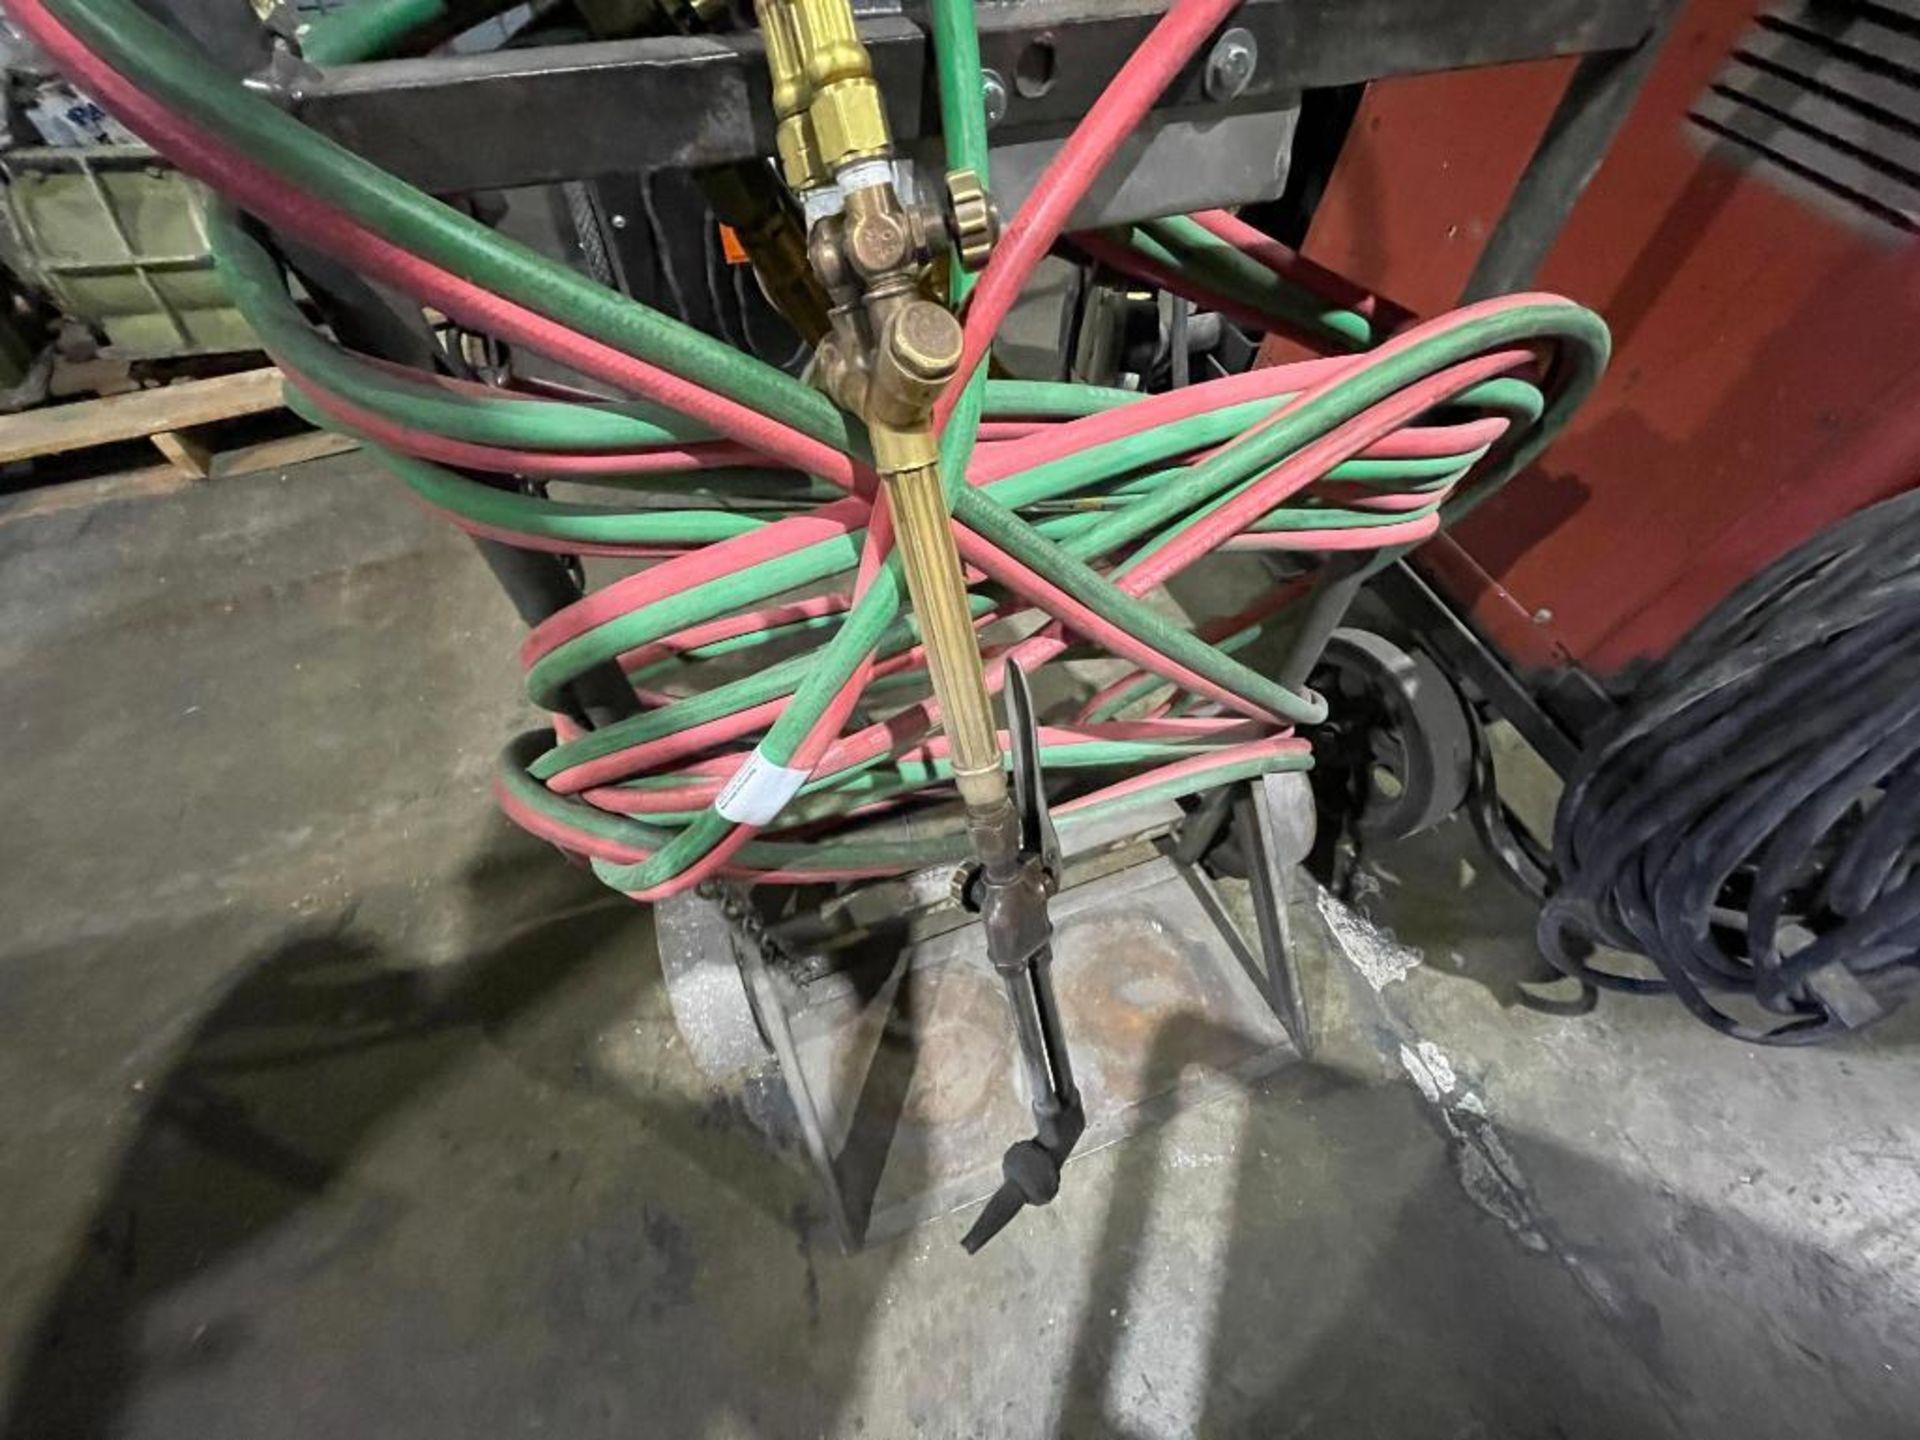 oxy-acetylene cart - Image 3 of 5